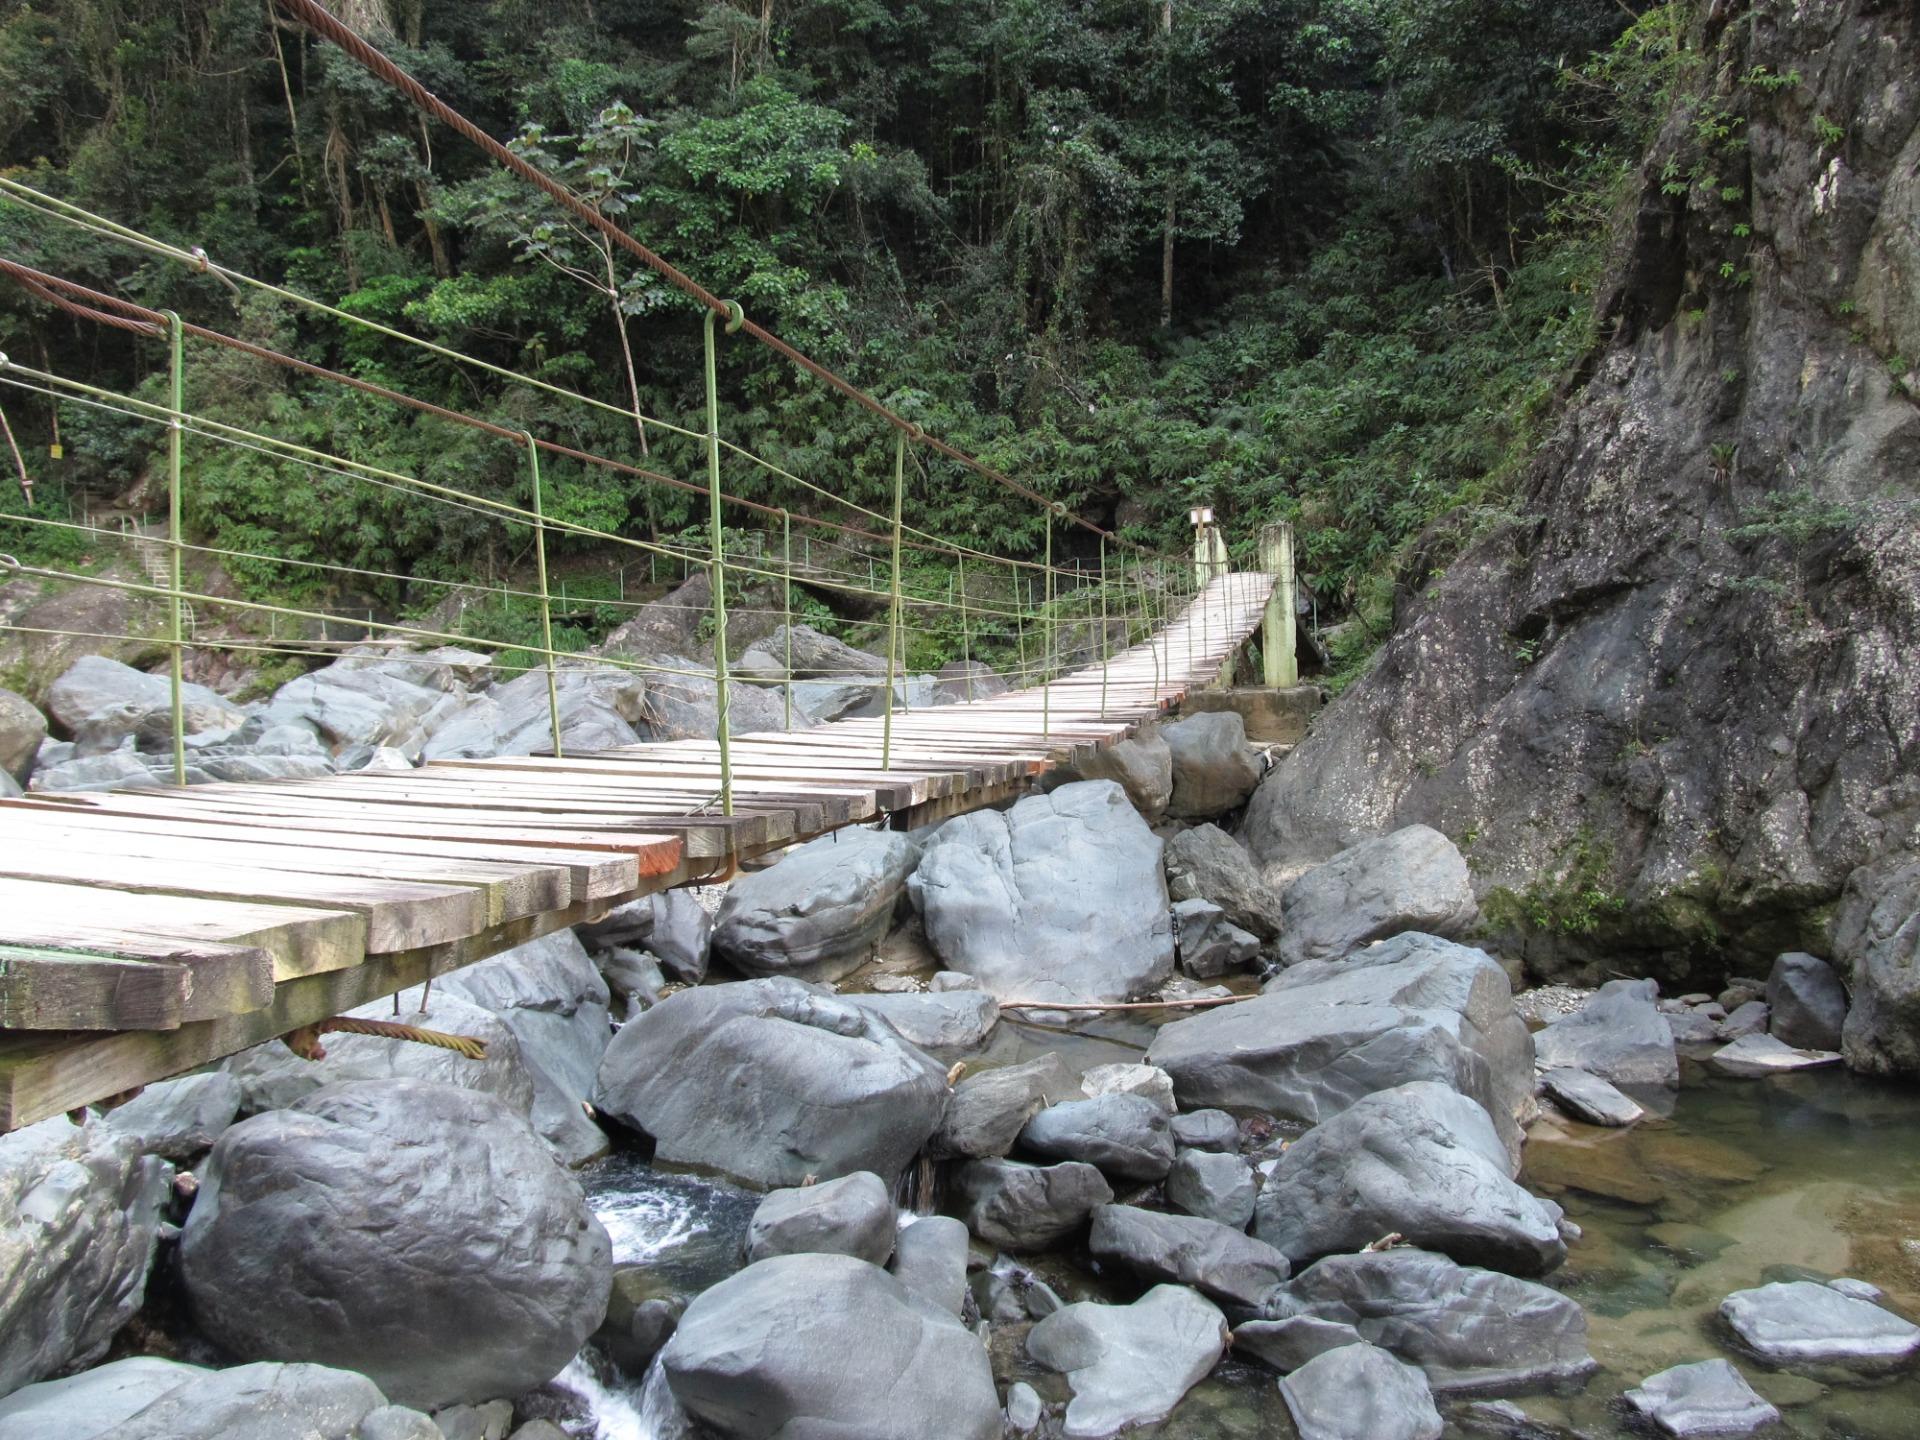 Droga prowadzi przez szereg wiszących mostków